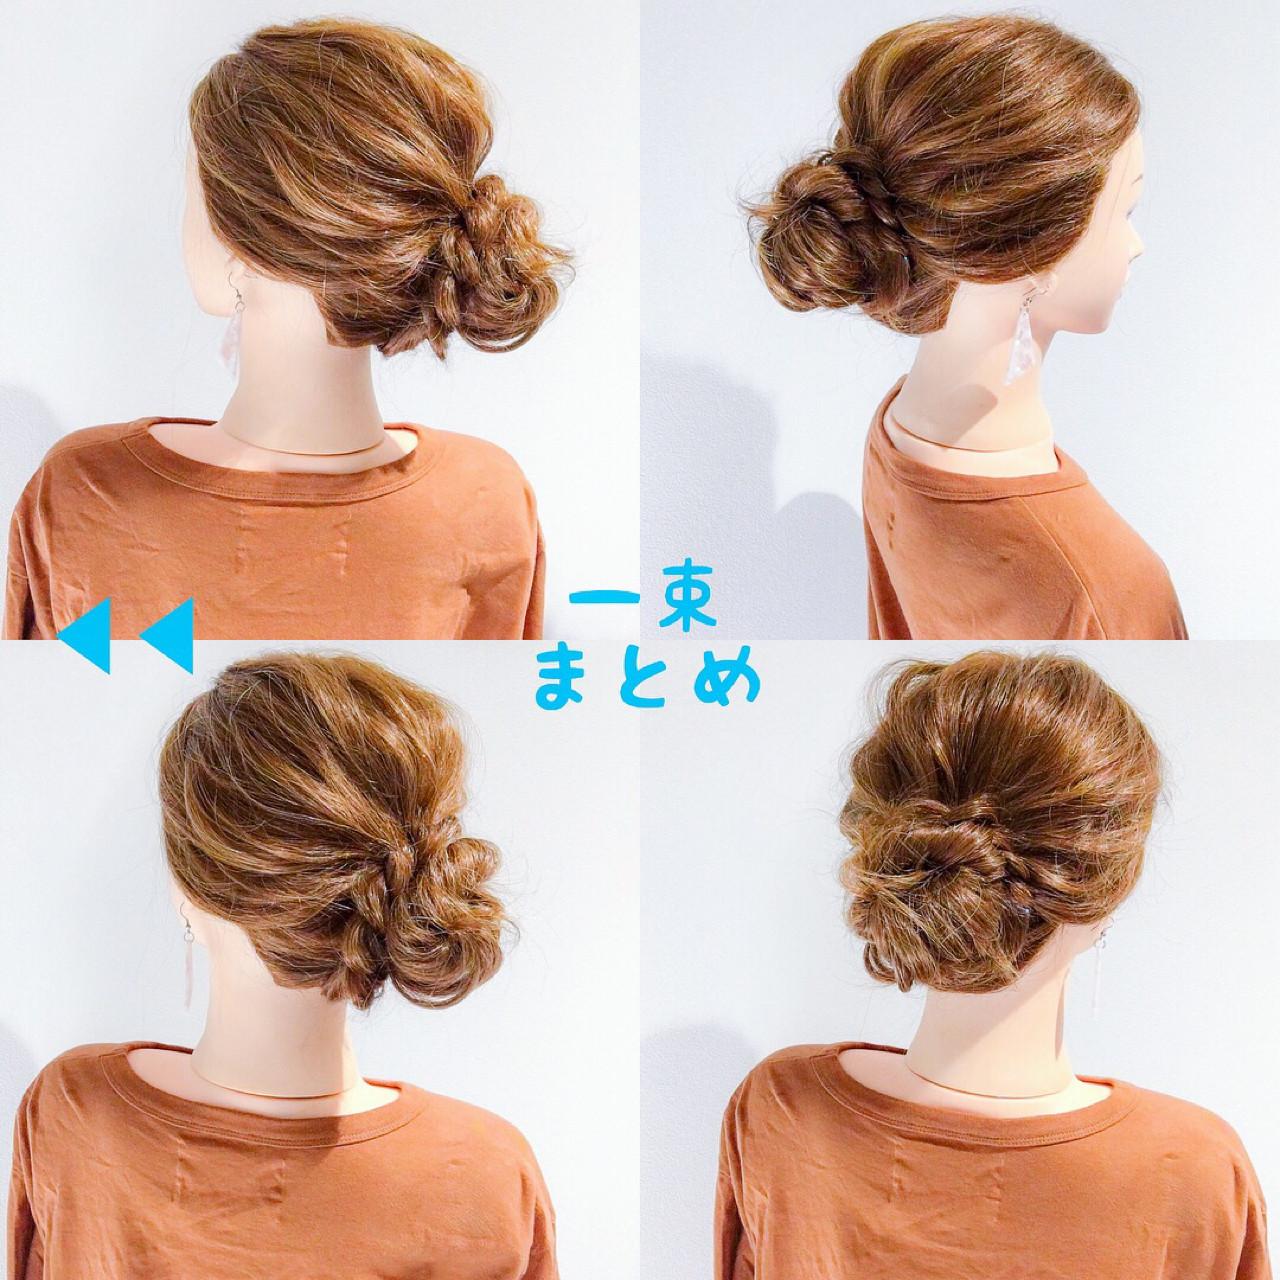 オフィス ヘアアレンジ セミロング 簡単ヘアアレンジ ヘアスタイルや髪型の写真・画像